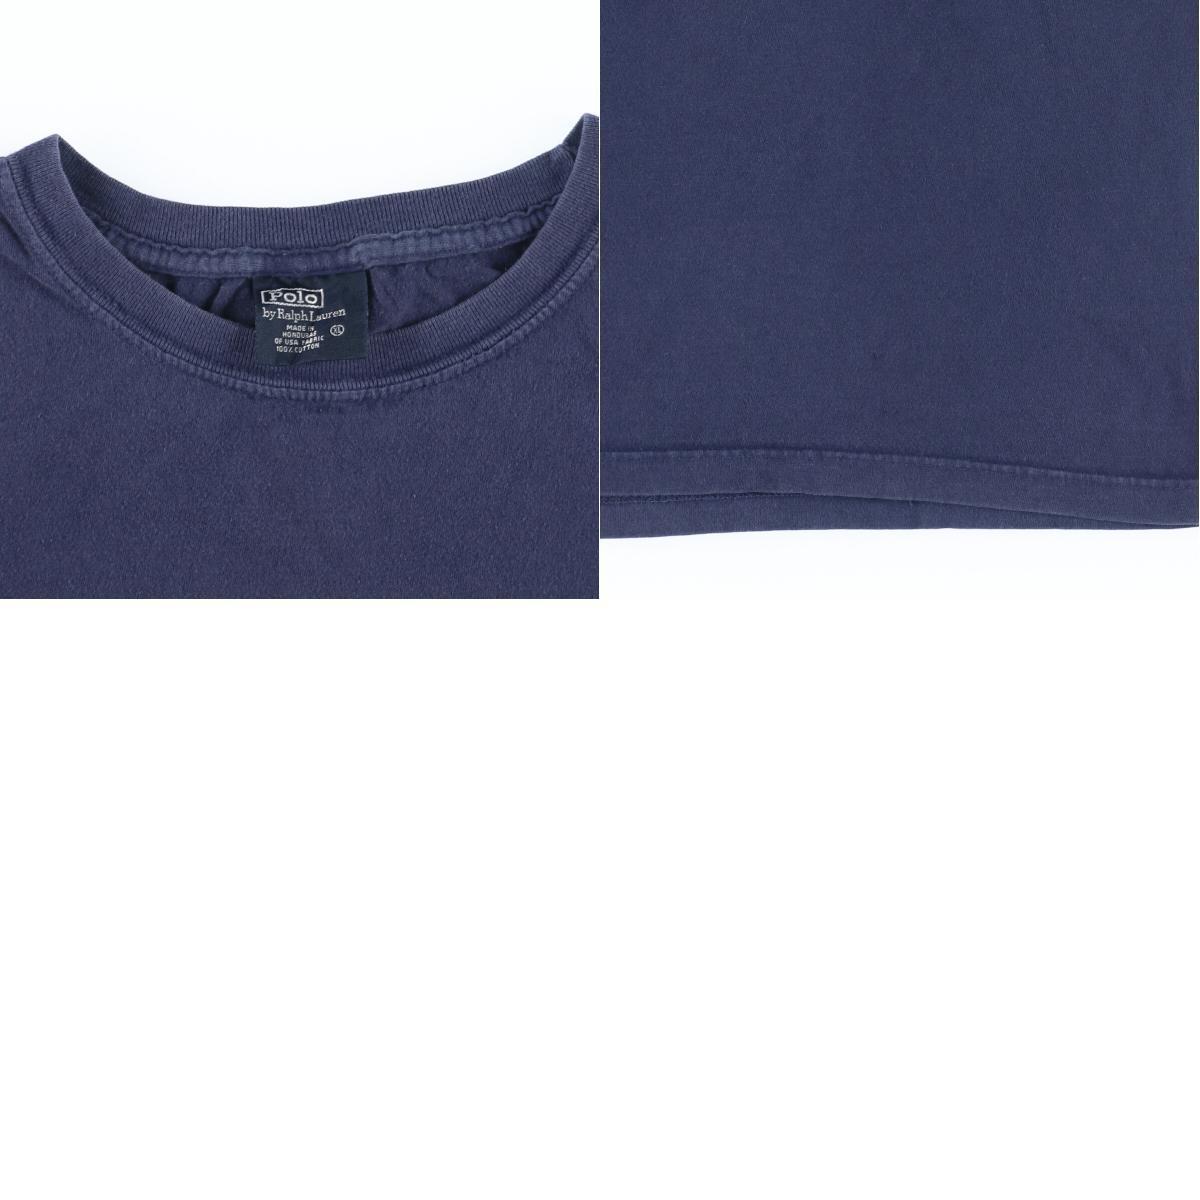 ラルフローレン Ralph Lauren POLO by Ralph Lauren 半袖 ワンポイントロゴTシャツ メンズXL /eaa167014_画像3